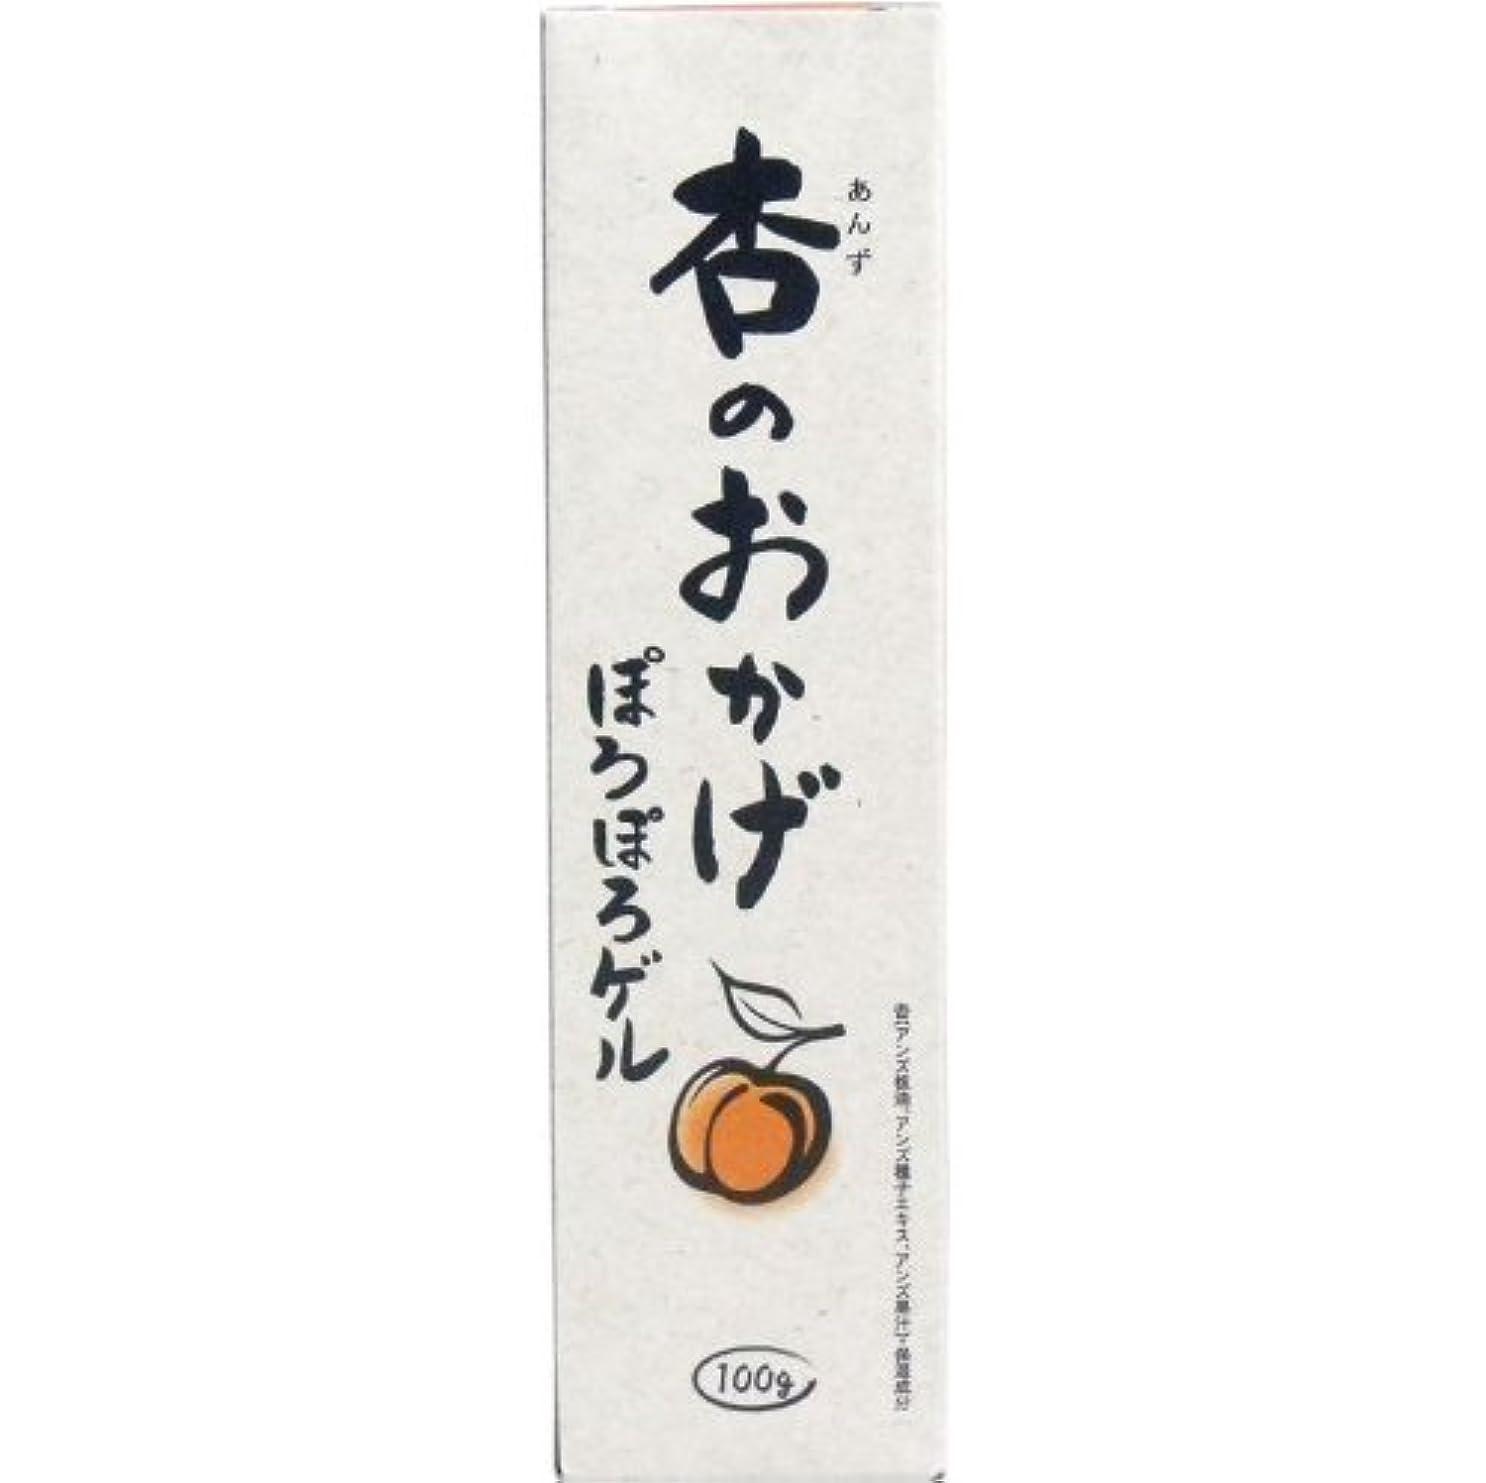 トリム実用的汚染された杏のおかげ ぽろぽろゲル 100g【2個セット】